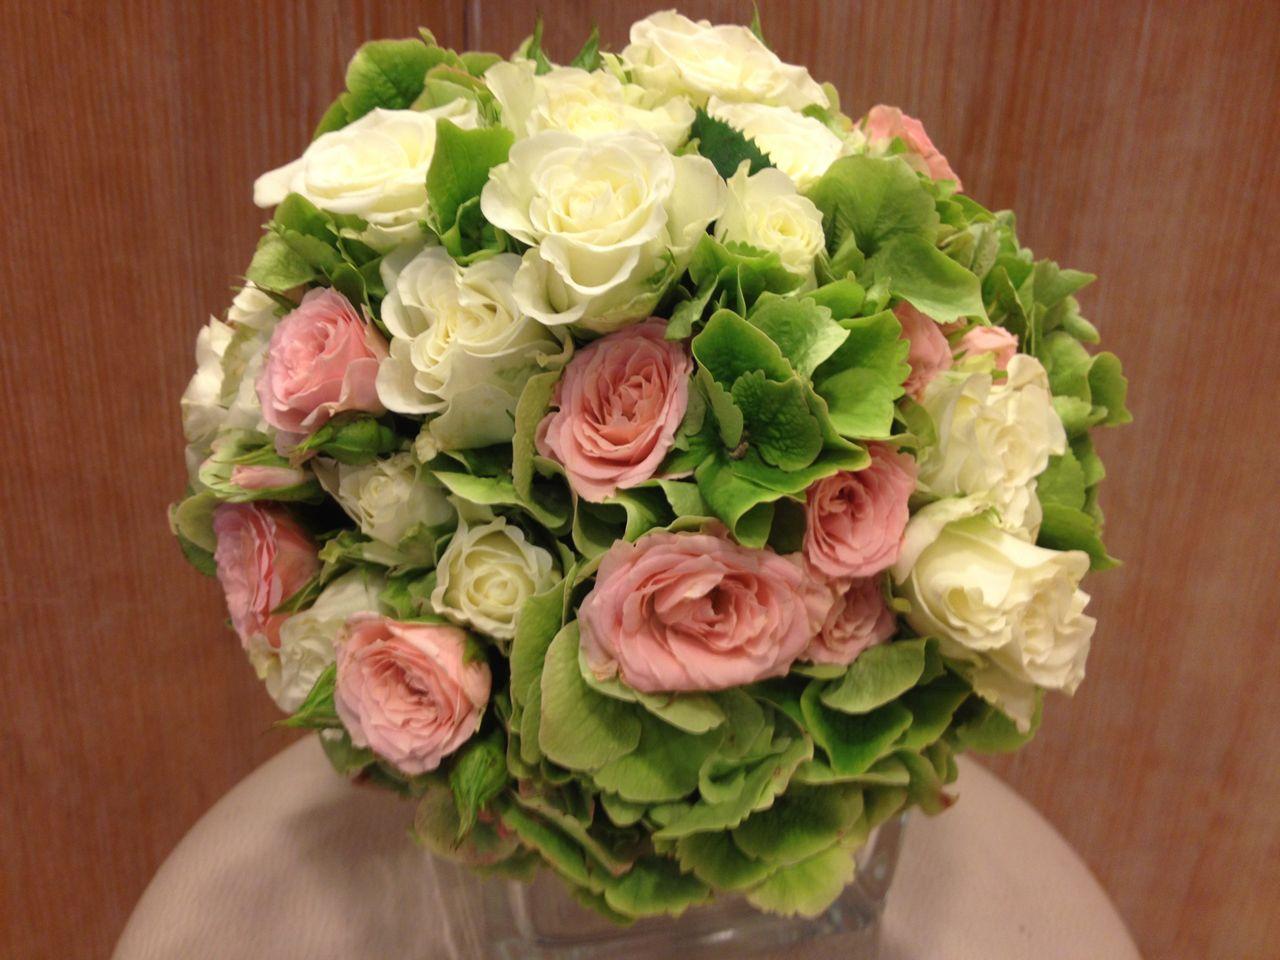 Bouquet Ortensie E Rose : Bouquet con ortensie idee per il design della casa